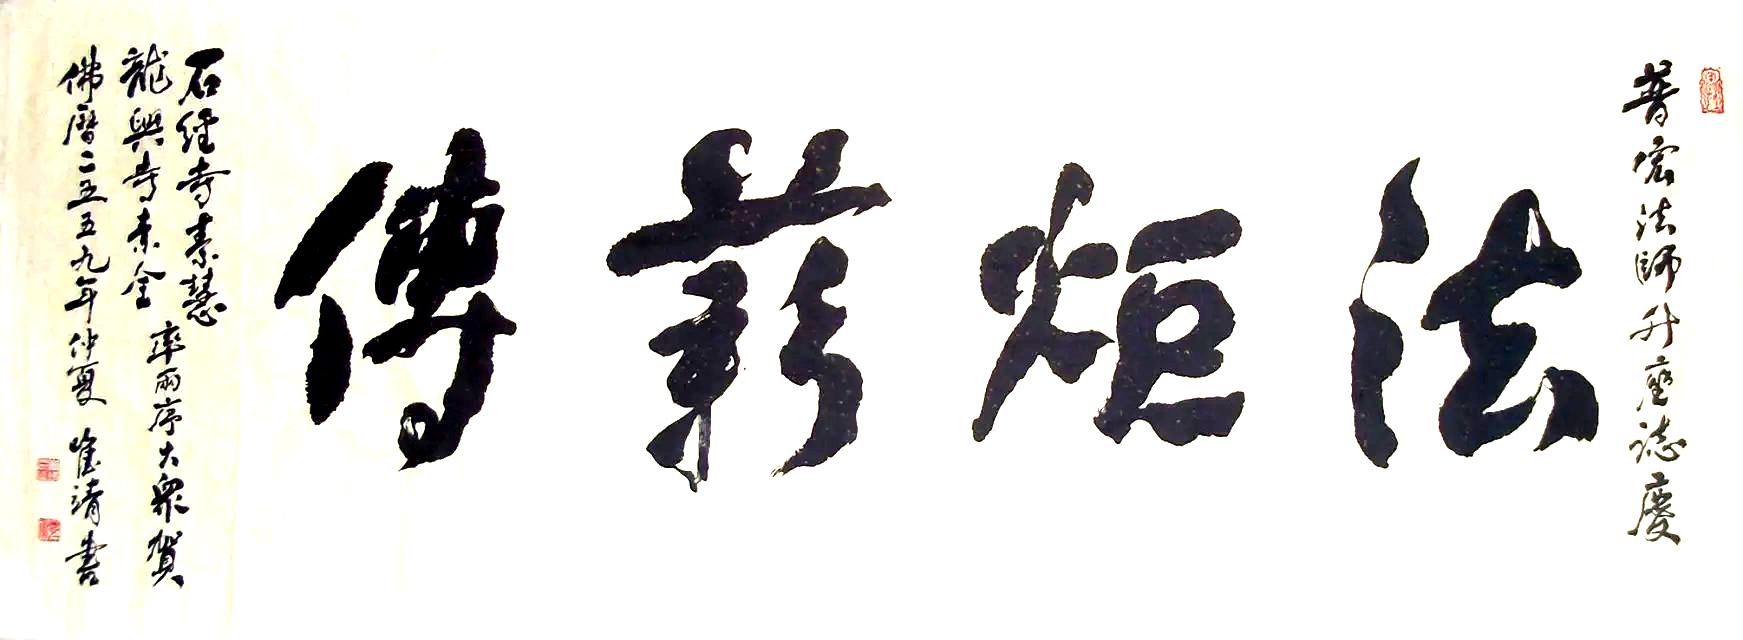 寺院题字.jpg